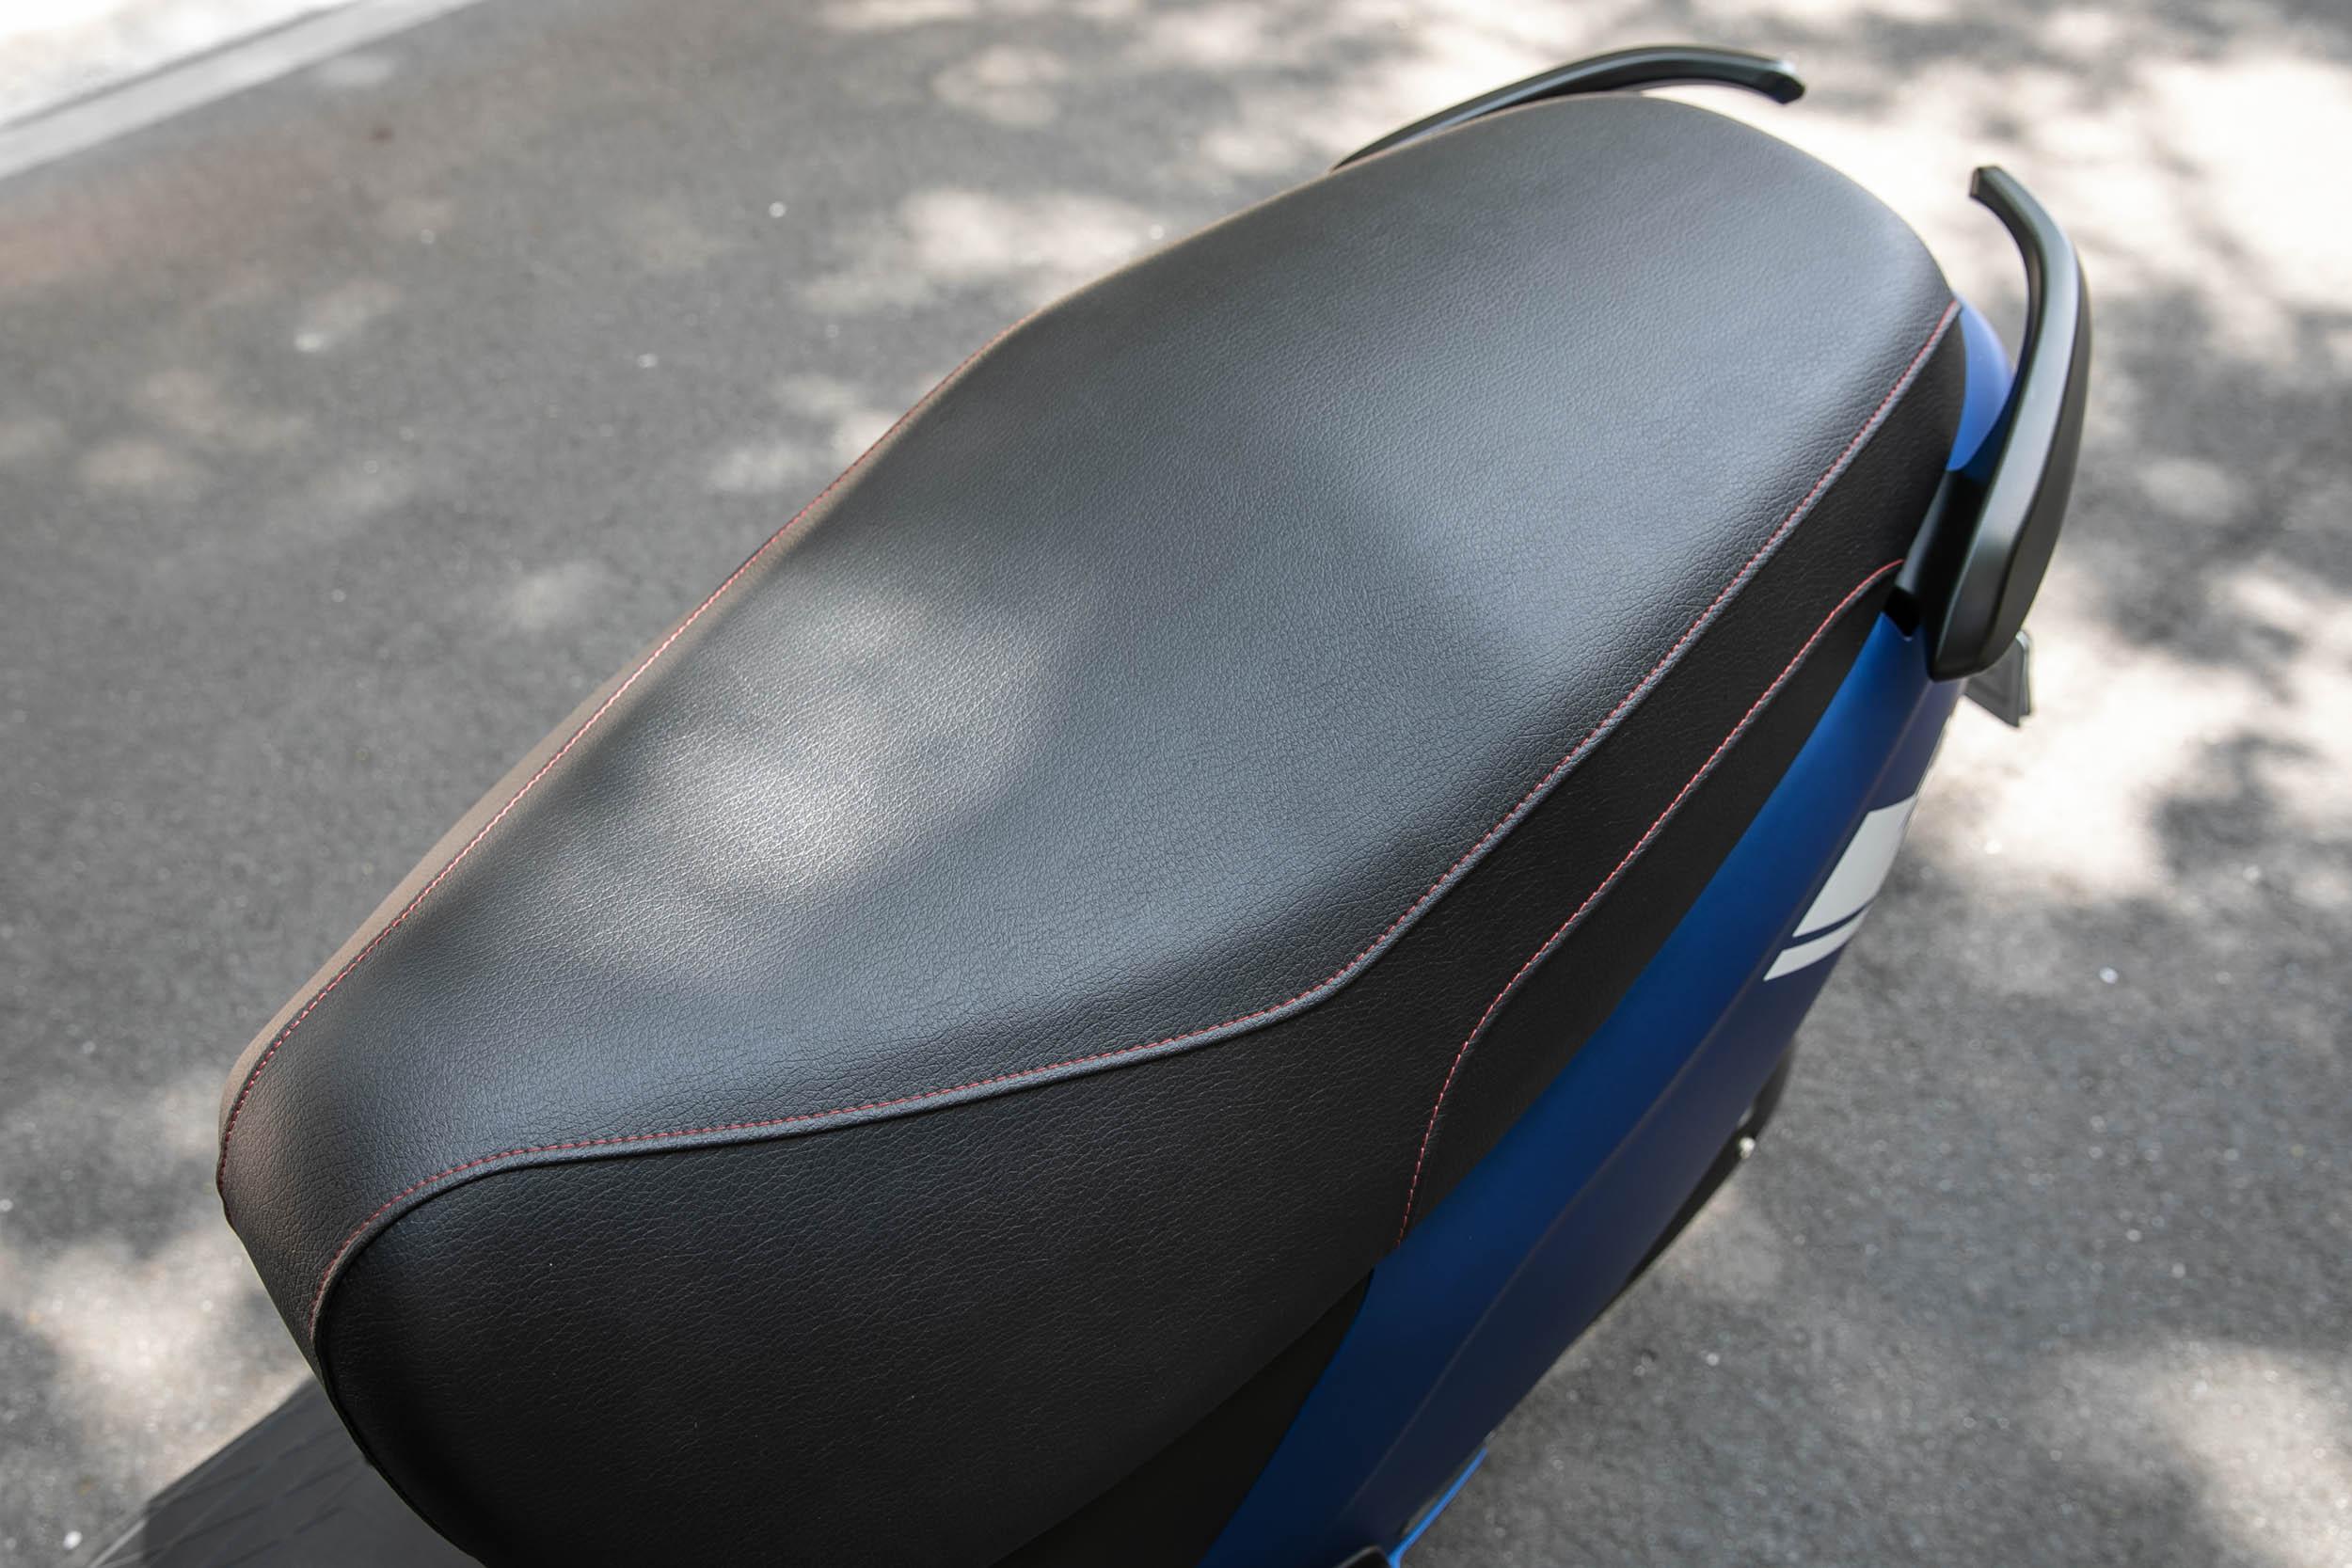 大面積的坐墊造型,雙人乘載有著極佳舒適度,座高調降為 745mm,對於身材嬌小的騎士更為友善。